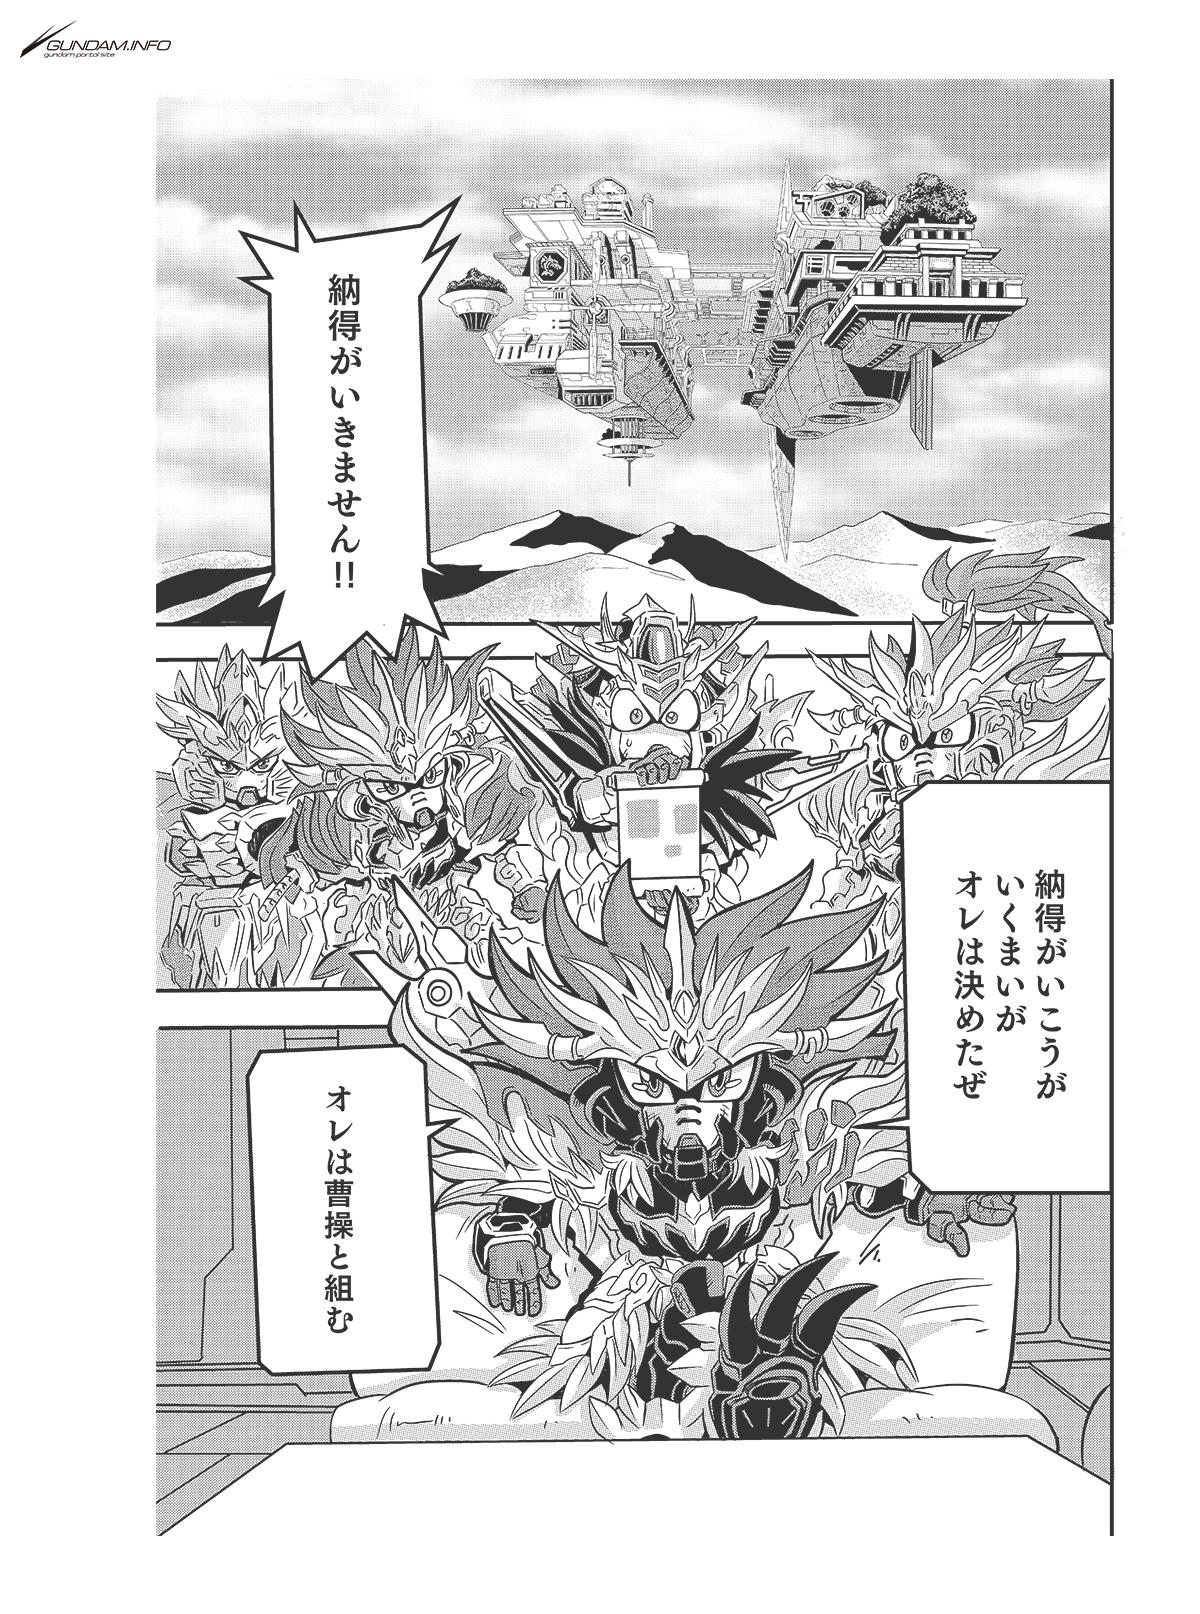 SDガンダムワールド 三国創傑伝 焔虎譚 第8話 P5